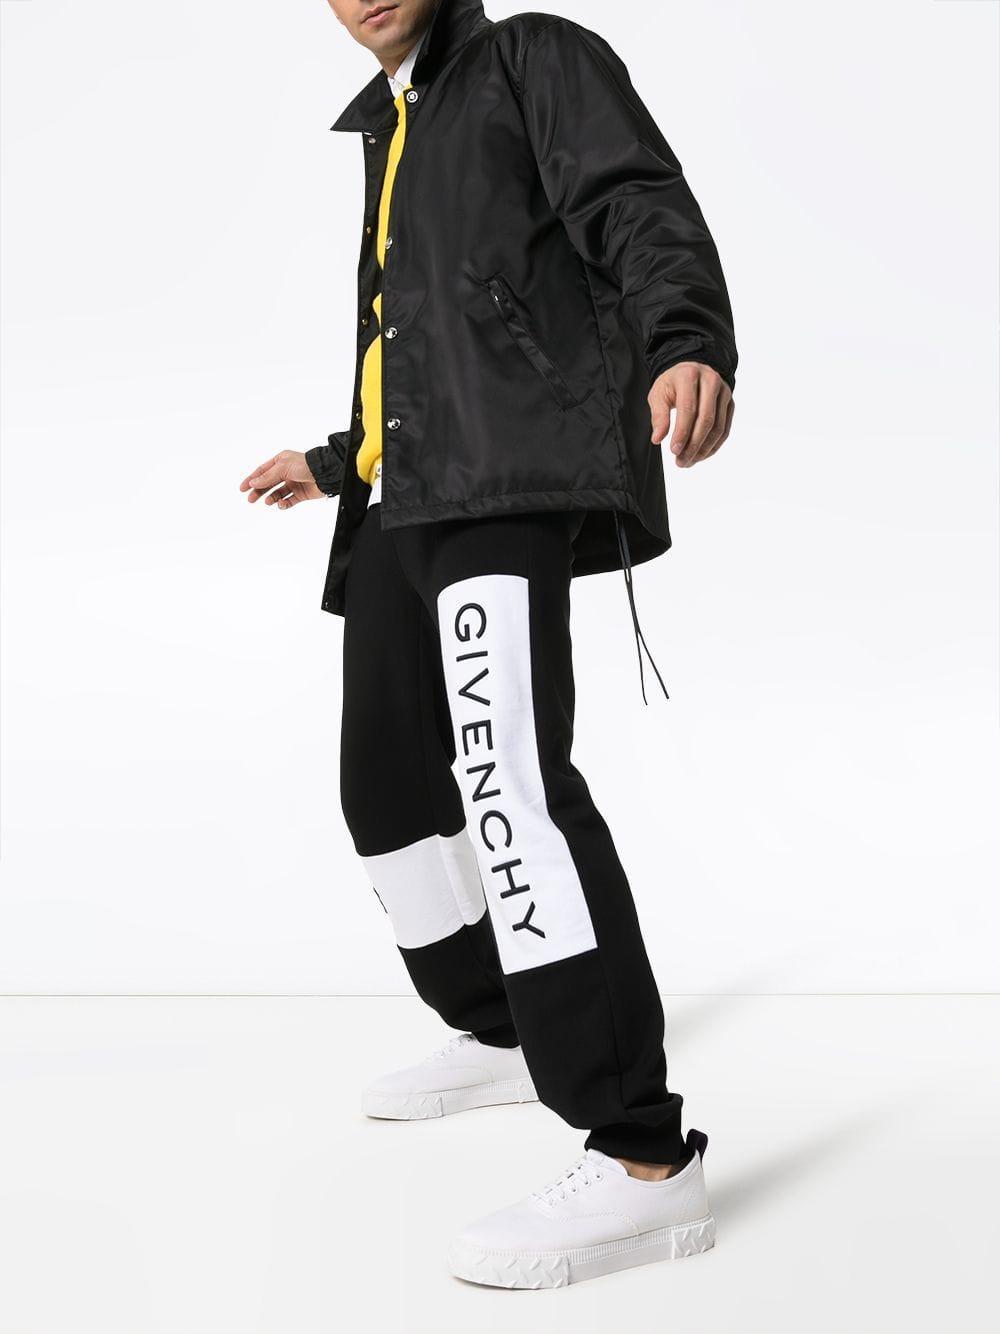 Givenchy Katoen Joggingbroek Met Geborduurd Logo in het Zwart voor heren